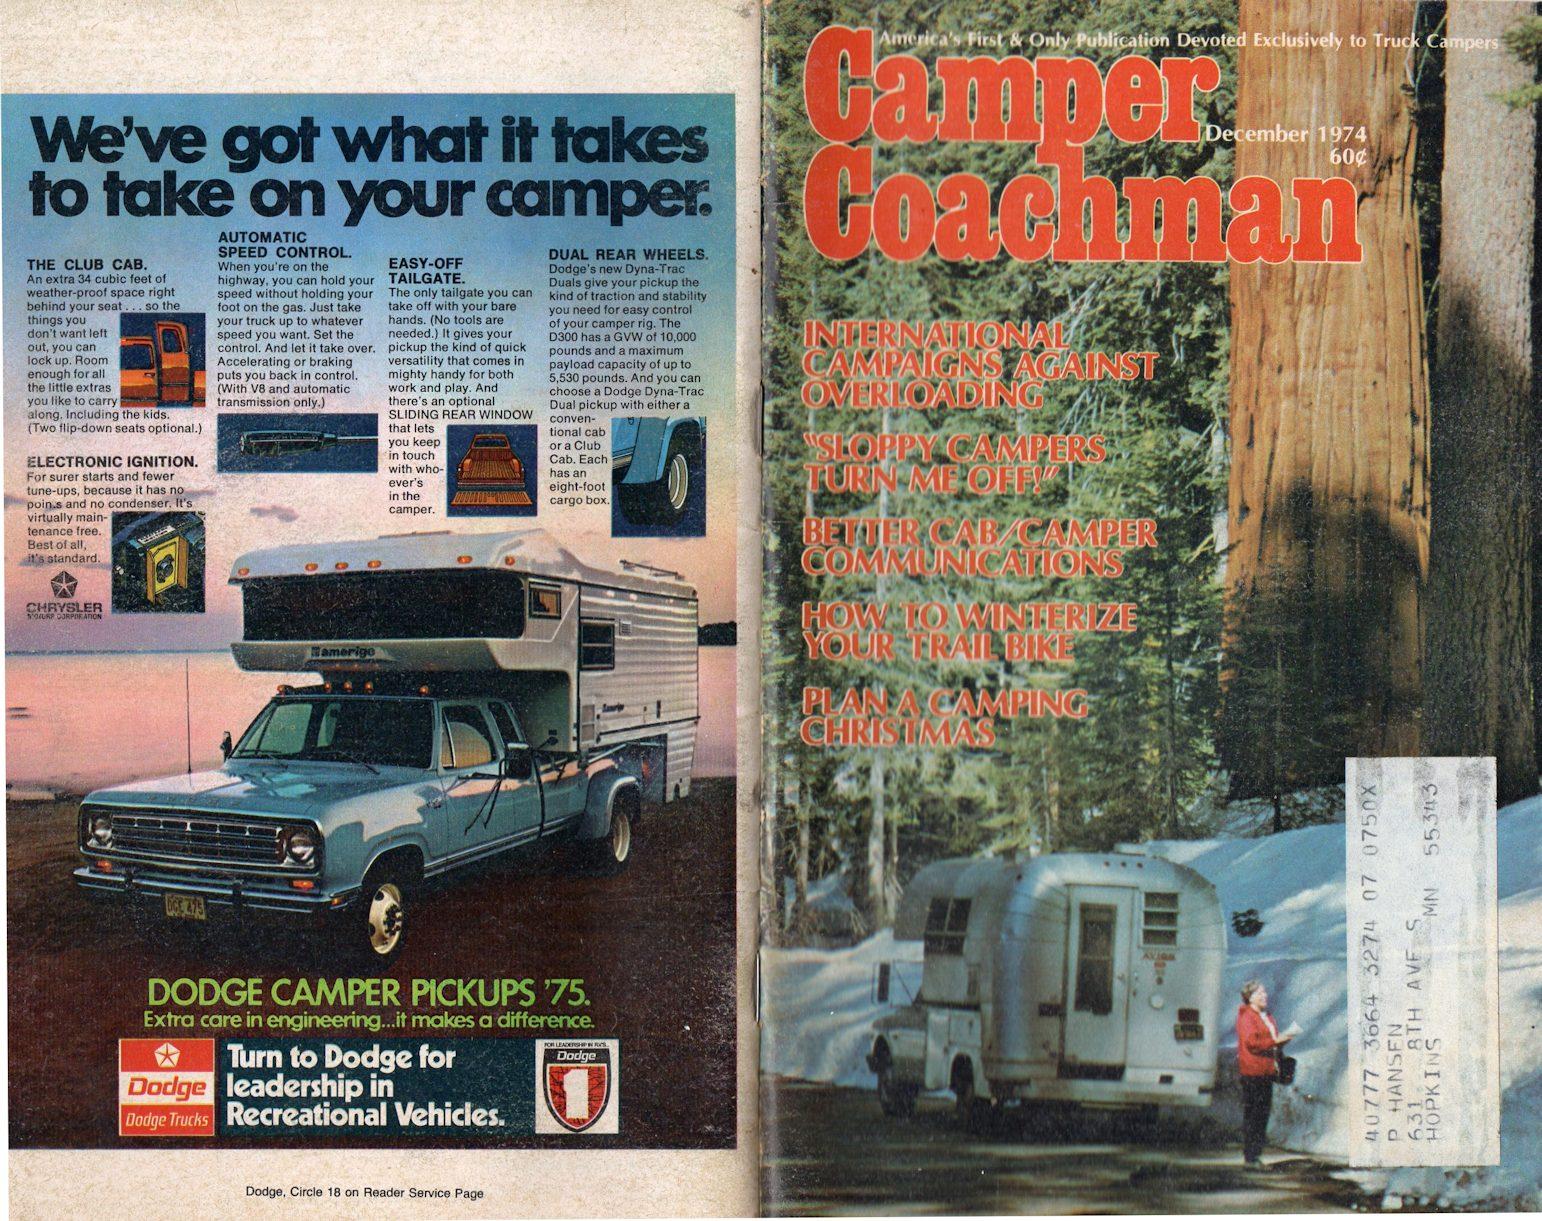 1975 Sunrader mini-truck camper, etc  - General Discussion